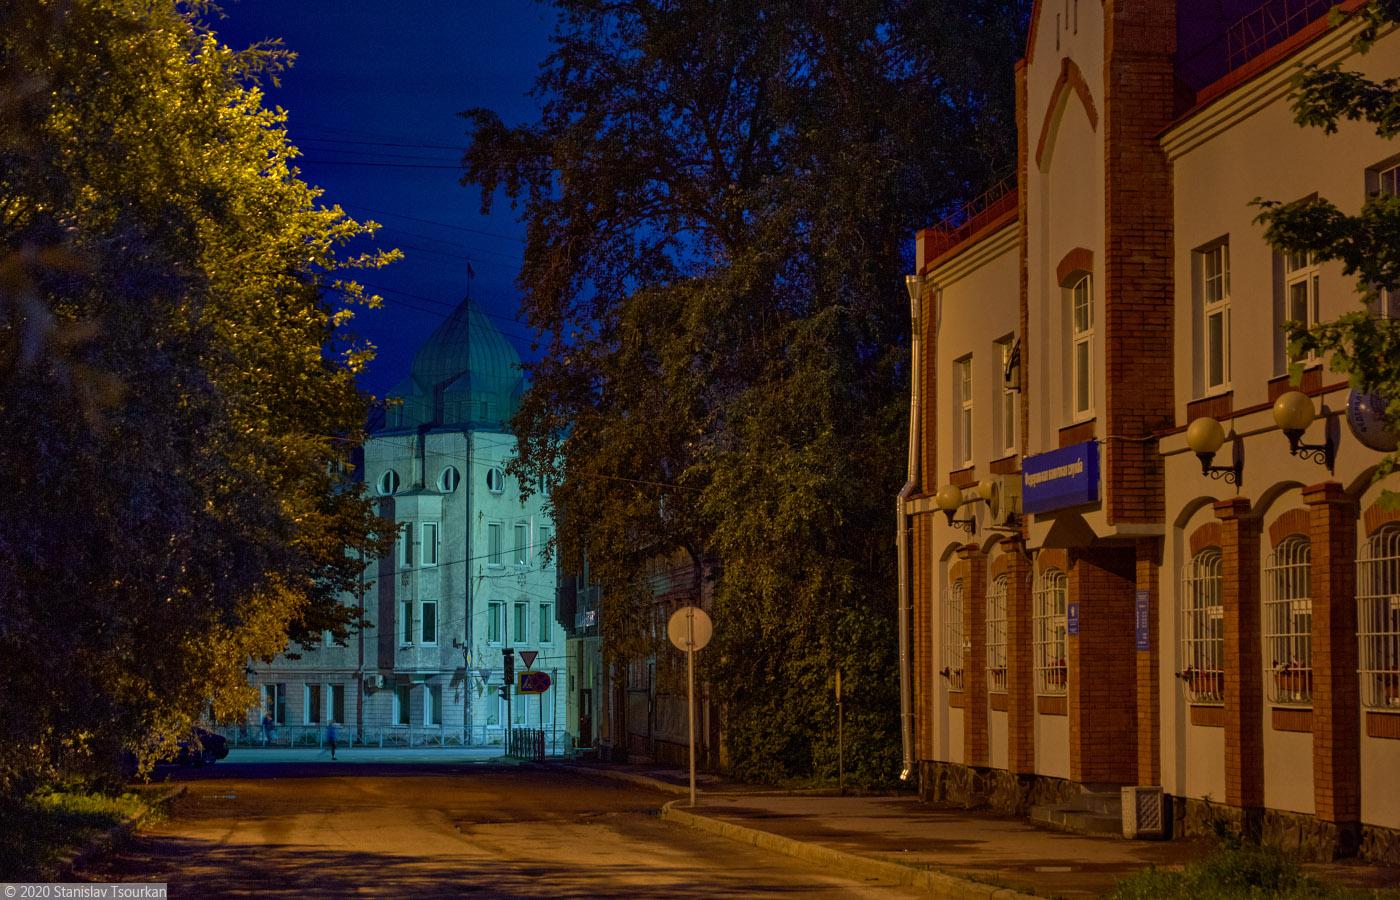 Сортавала, Карелия, республика Карелия, вечер, вечер в городе, дом Сиитонена, улица Гагарина, Уотилла, северный модерн